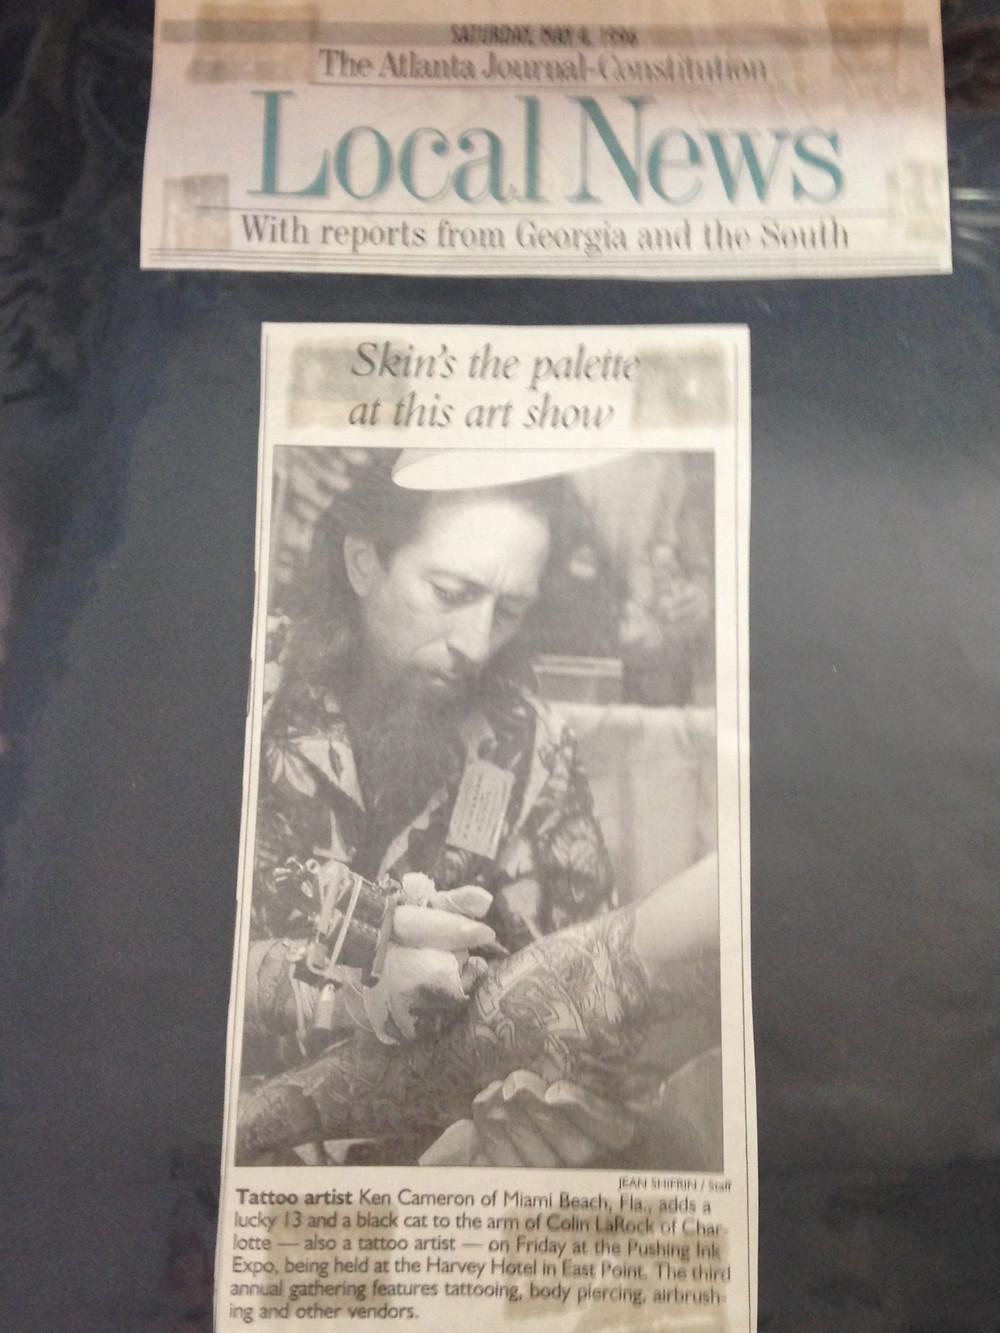 Atlanta Journal-Constitution